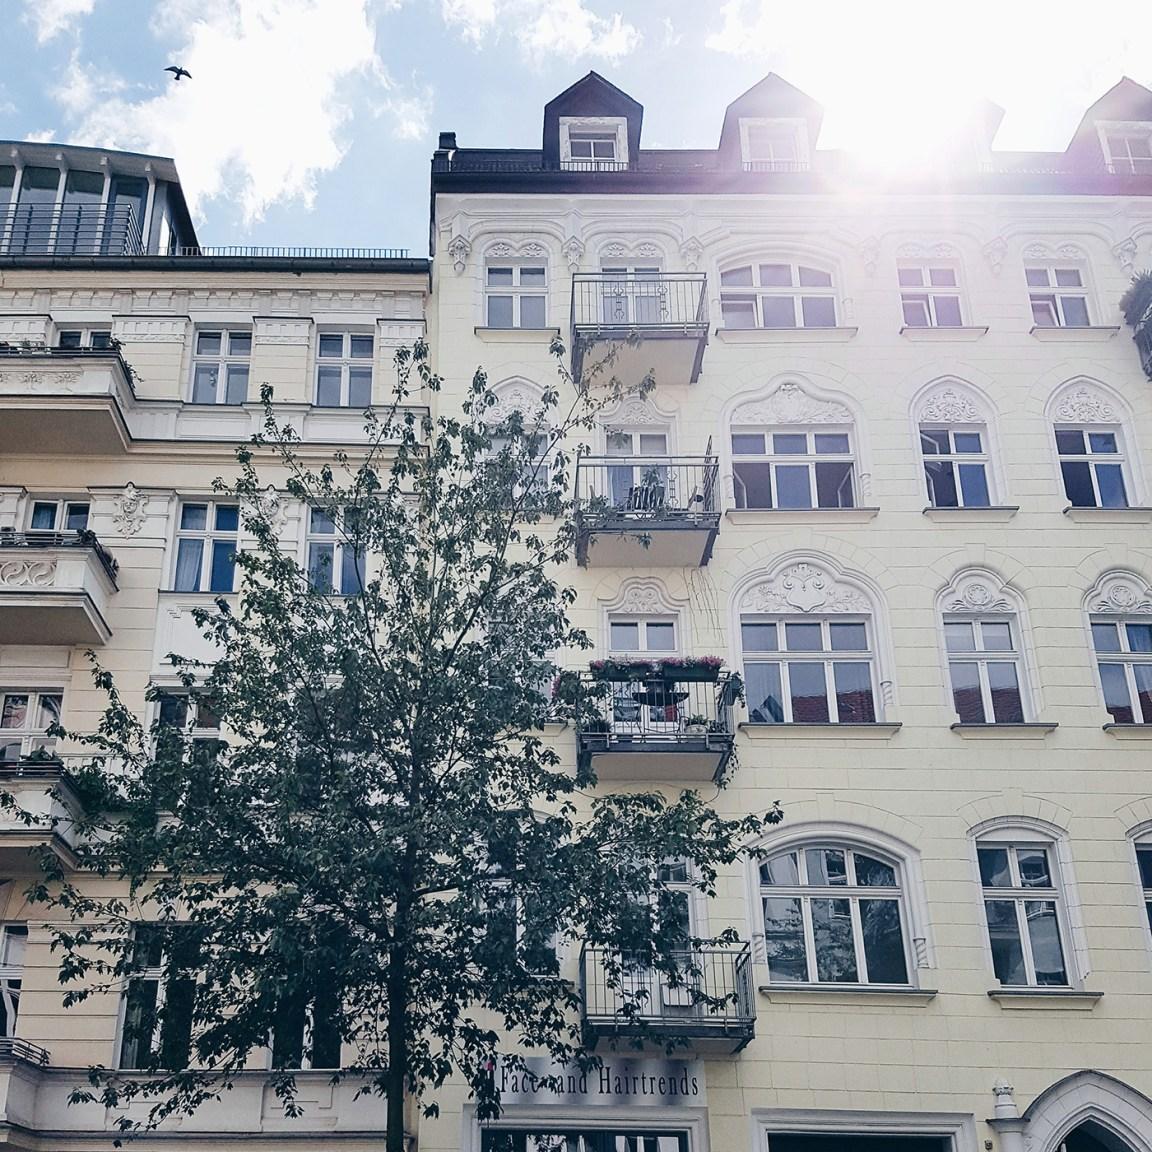 7things_26_berlin